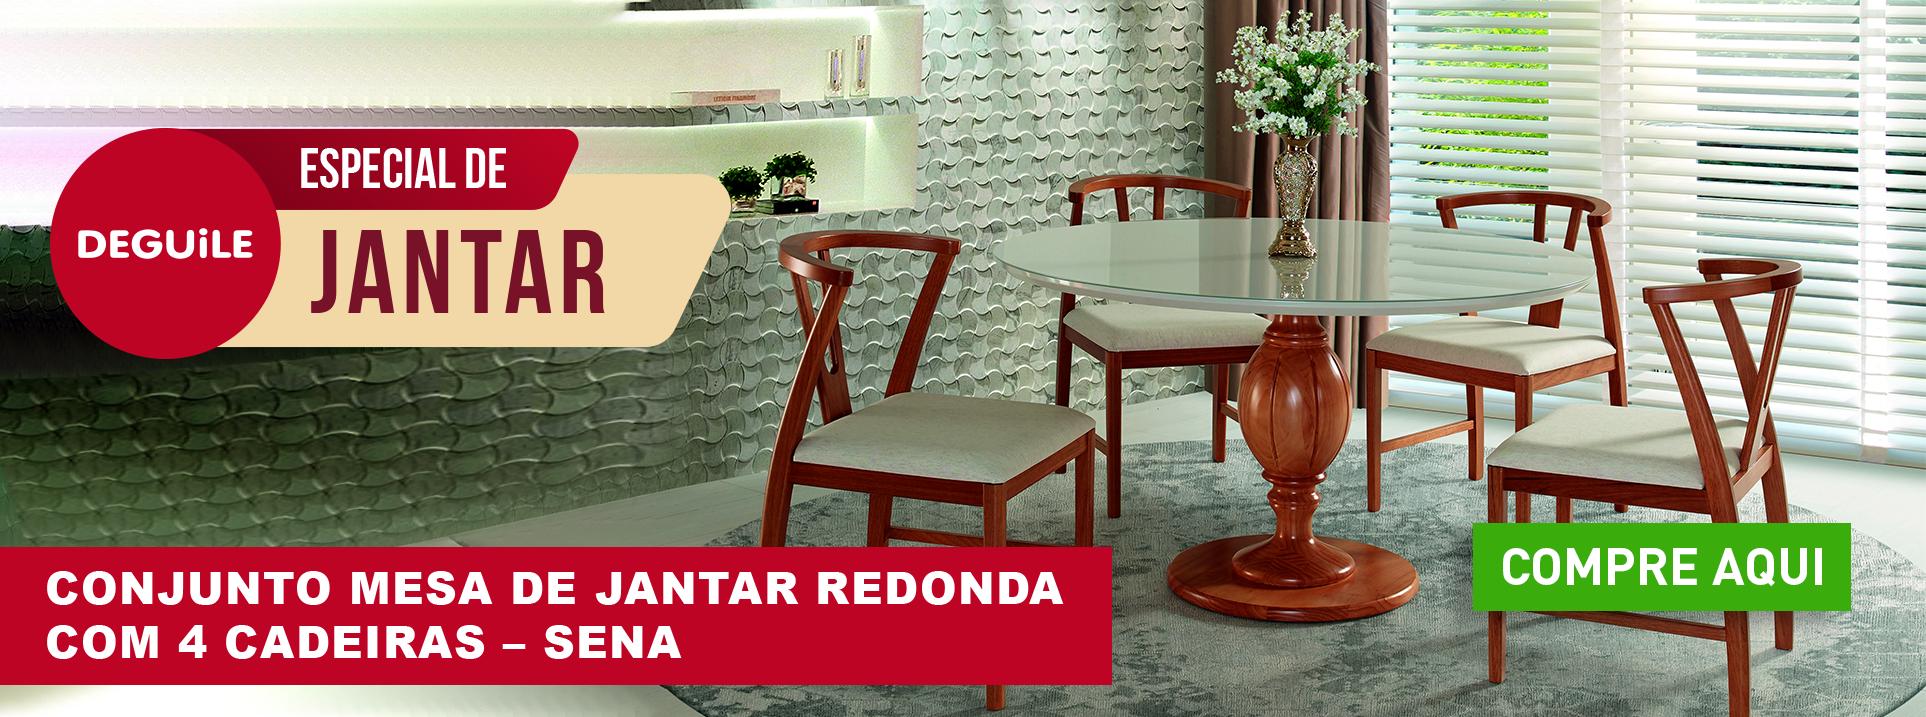 Conjunto Mesa de Jantar Redonda com 4 Cadeiras - SENA